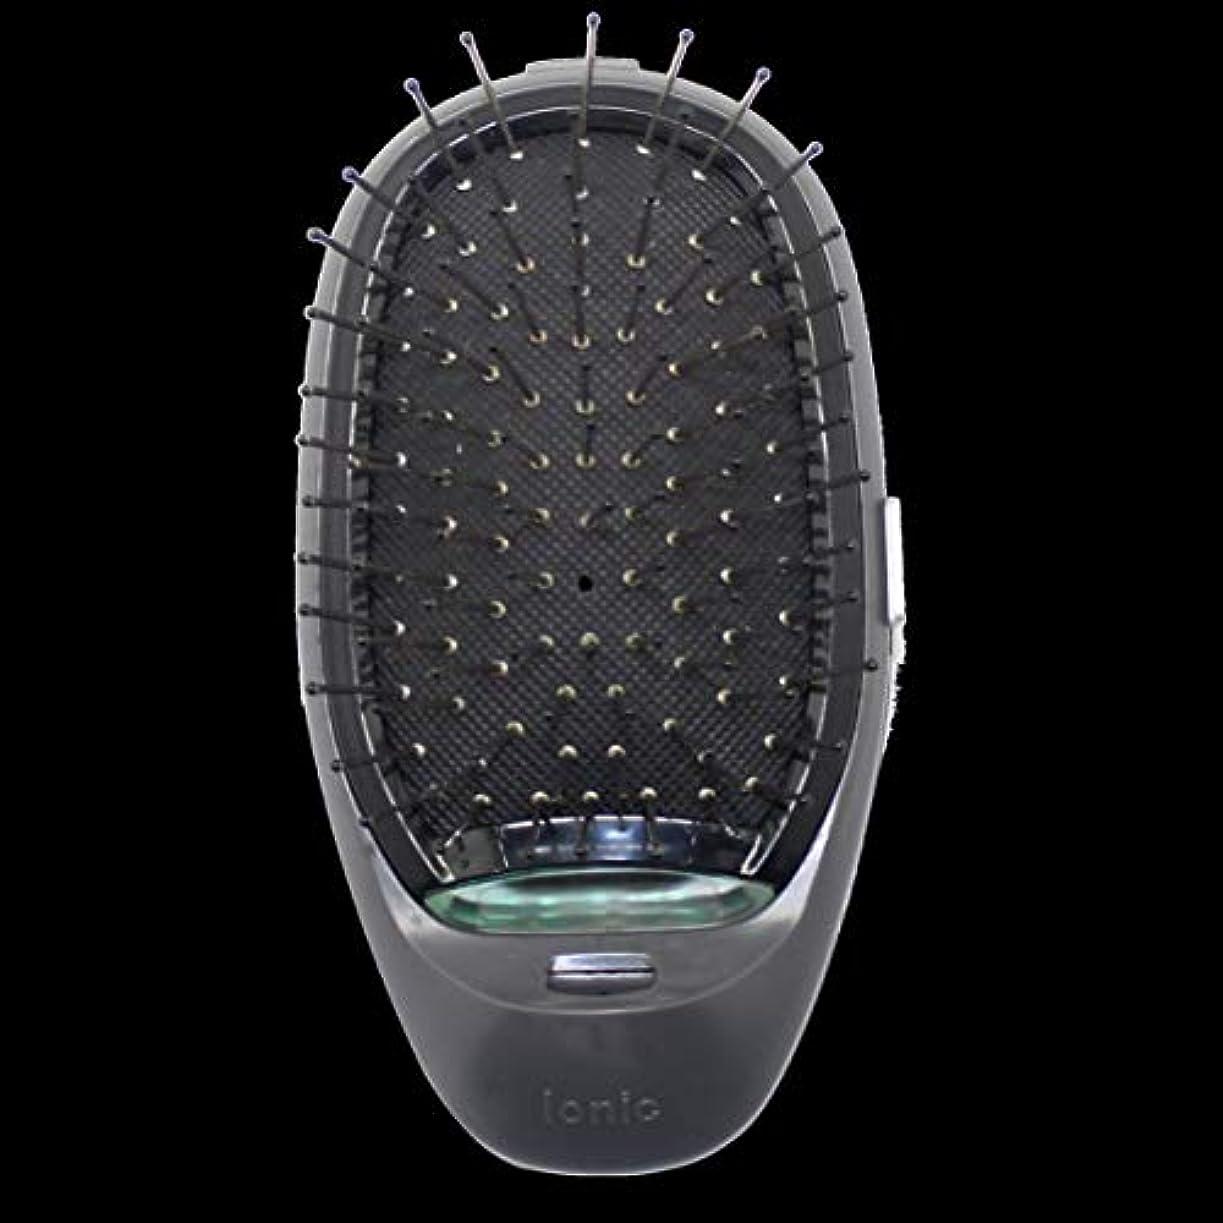 保安典型的な孤独電動マッサージヘアブラシミニマイナスイオンヘアコム3Dインフレータブルコーム帯電防止ガールズヘアブラシ電池式 - ブラック